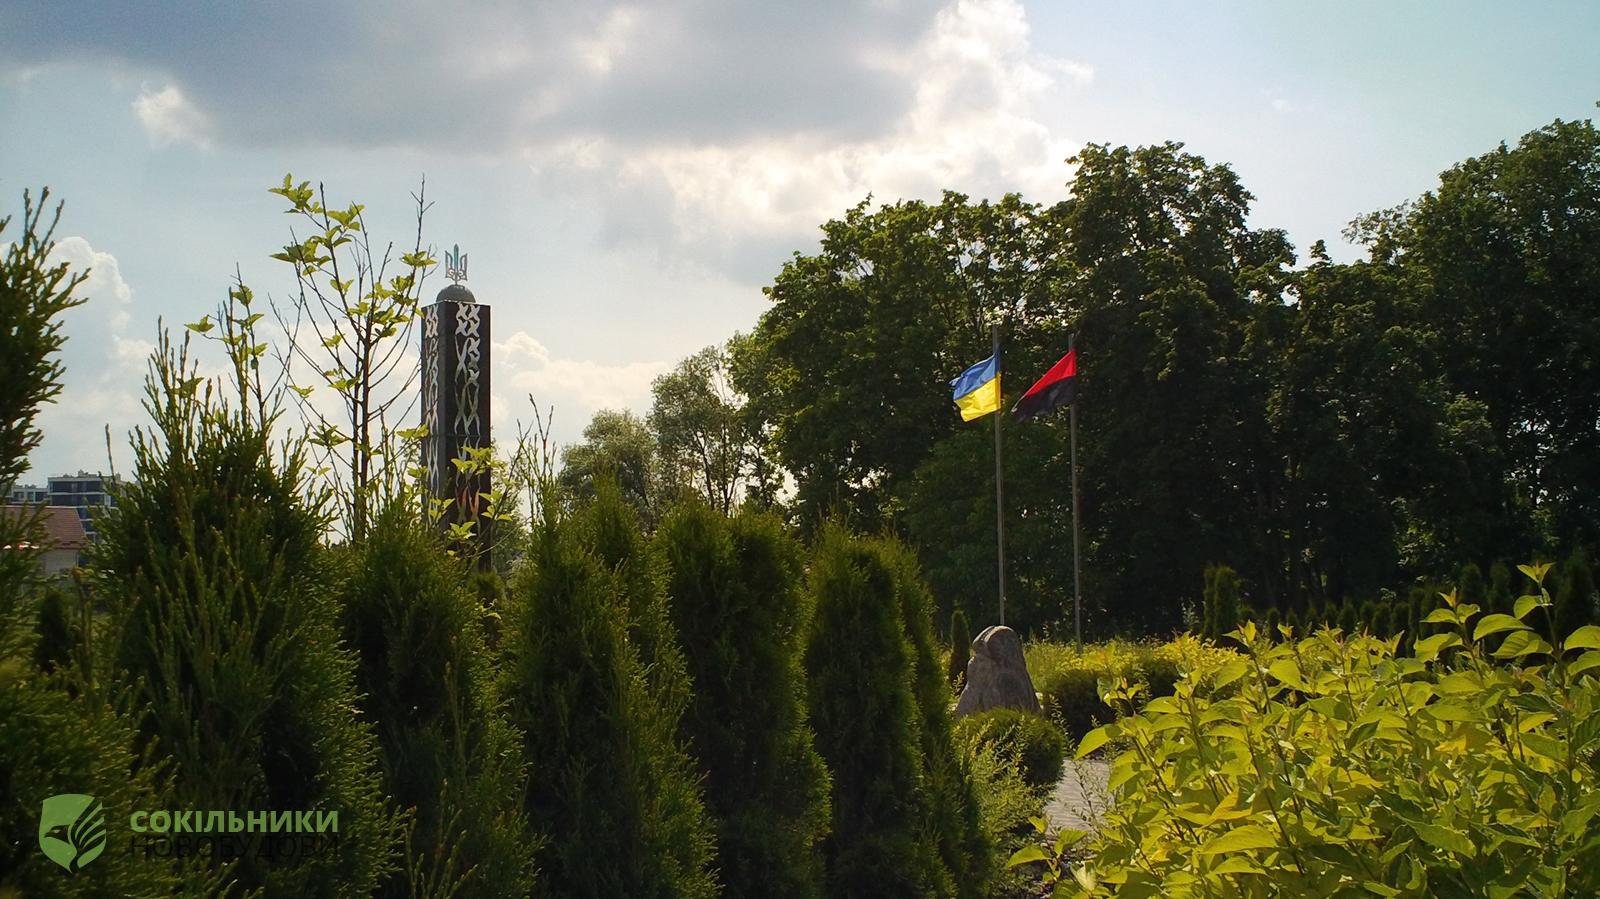 парк Героям Небесної Сотні в Сокільниках